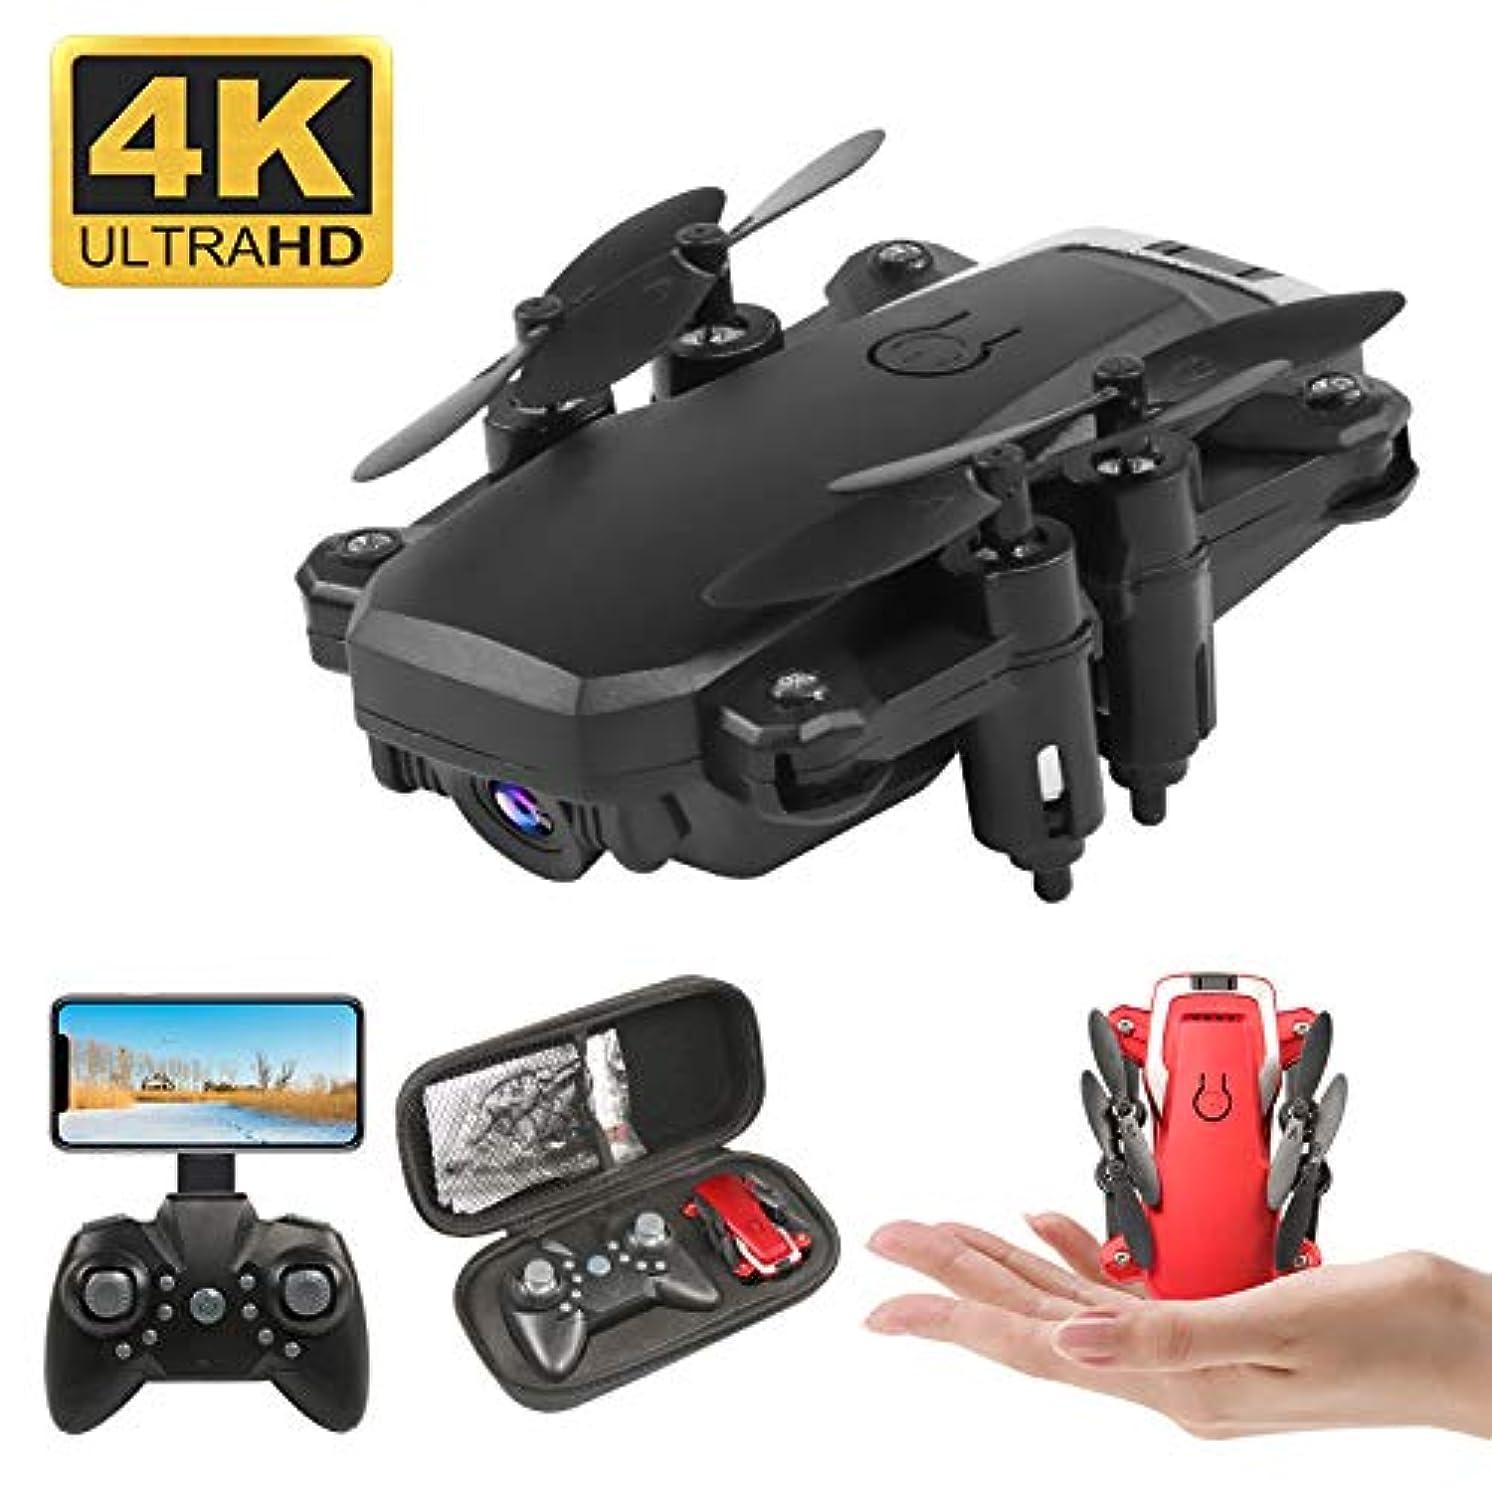 禁止するすすり泣きバックグラウンドK1 ミニドローン 3カラー 折りたたみ式 小型 高度維持可能 4Kカメラ 収納ケース付き 最大10分飛行時間 軽量 360度反転 wifiドローン自撮り可能 予備電池付き kwrj002 (ホワイト)